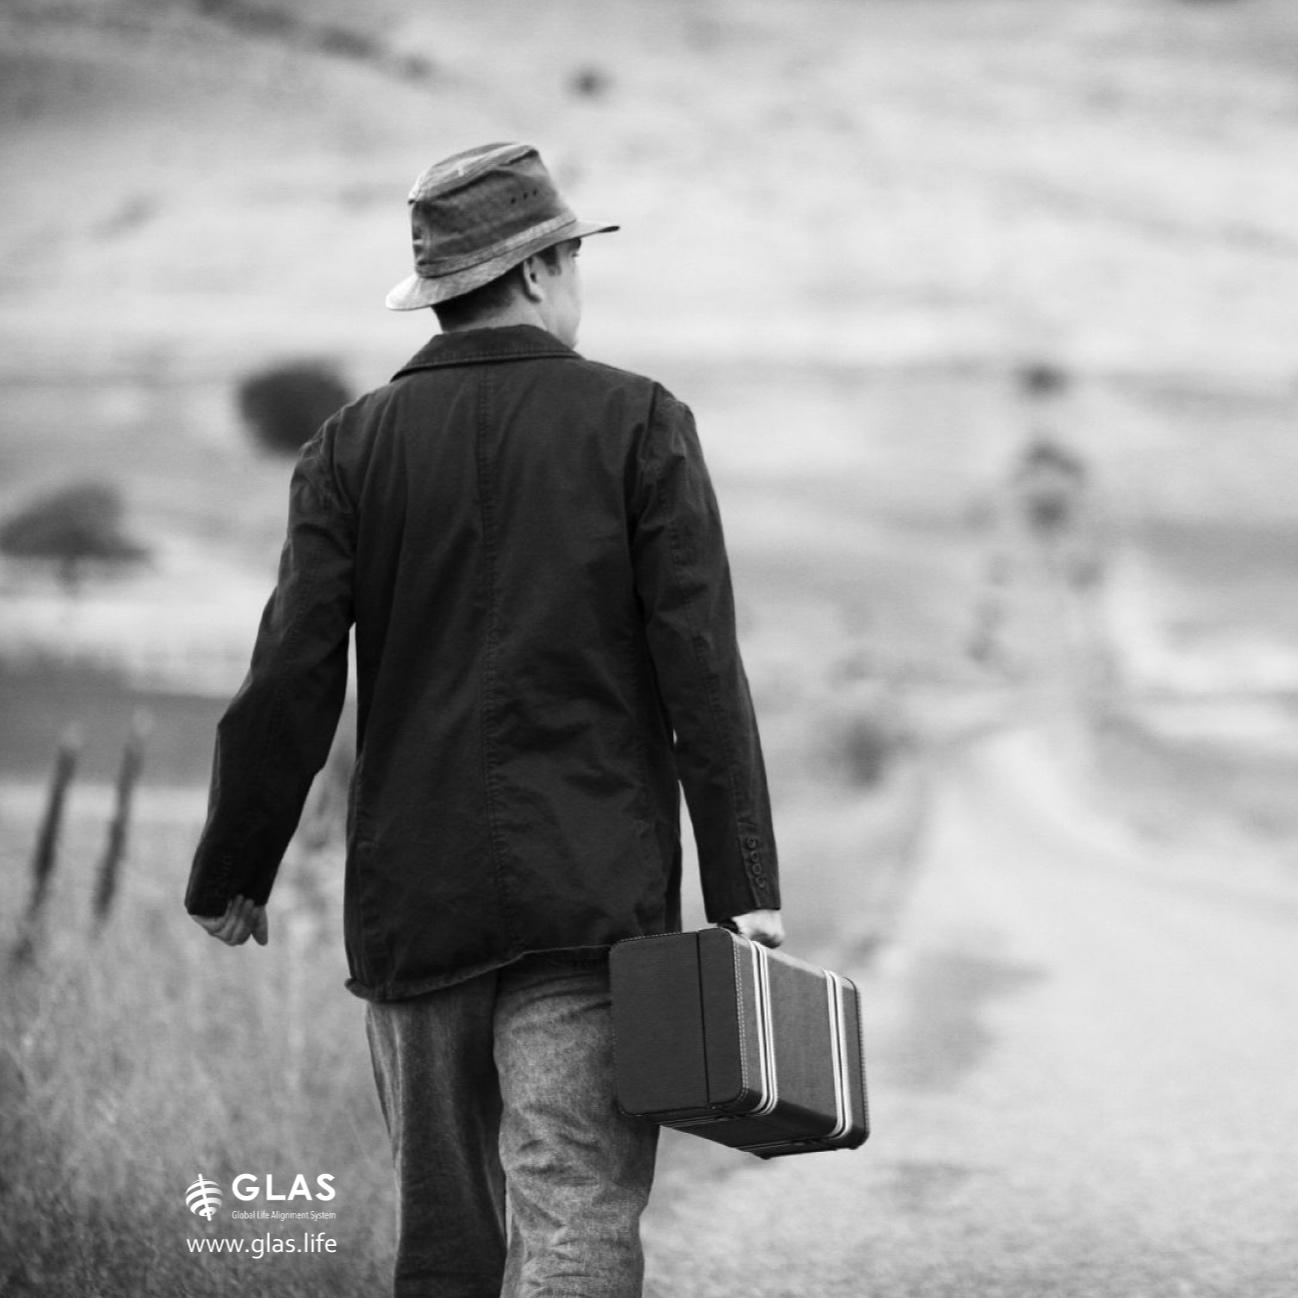 BW-man-walking-away-GLAS.jpg